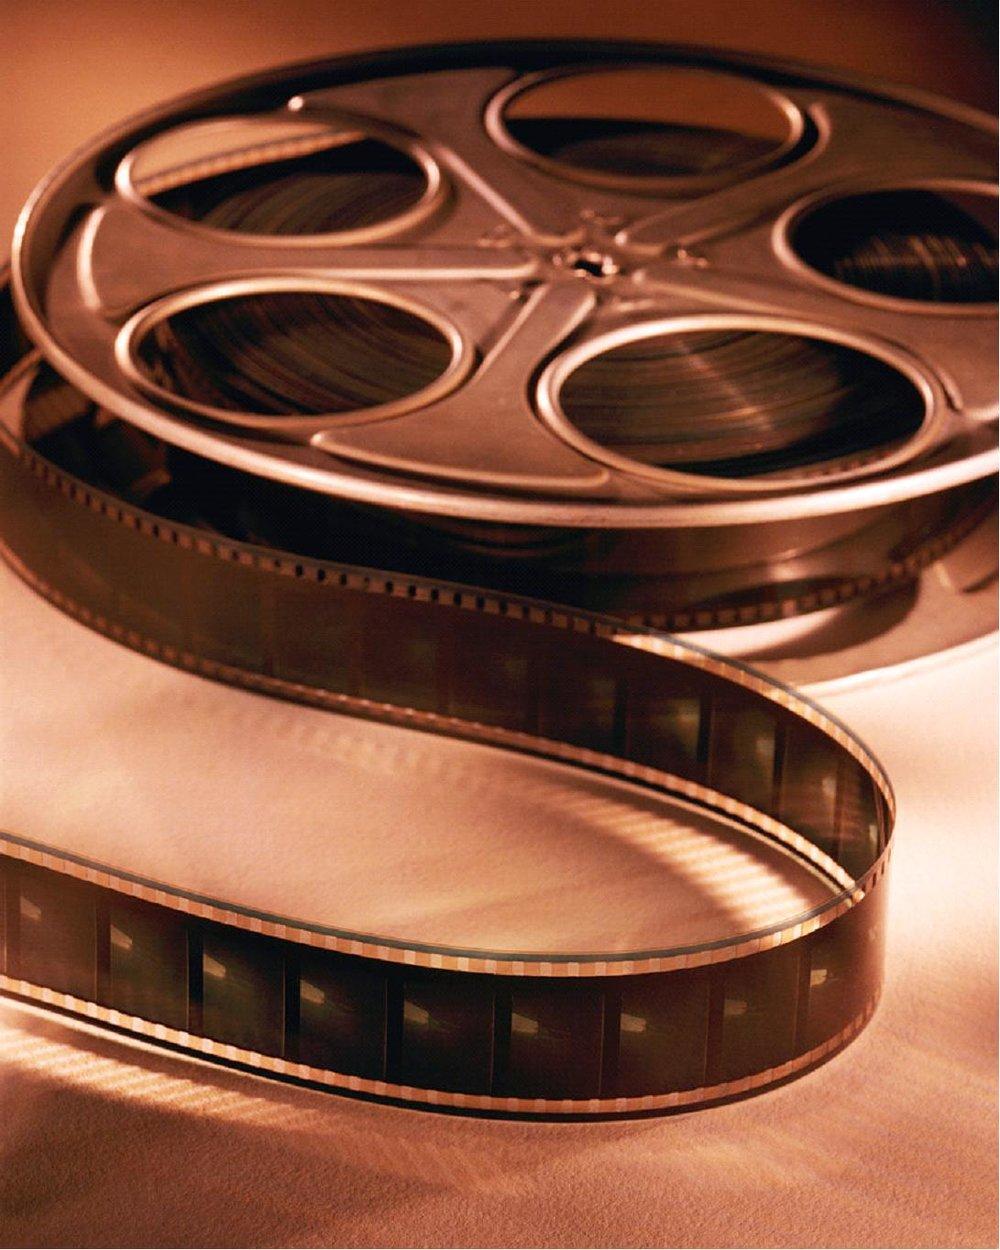 Film Reel-tintype.jpg